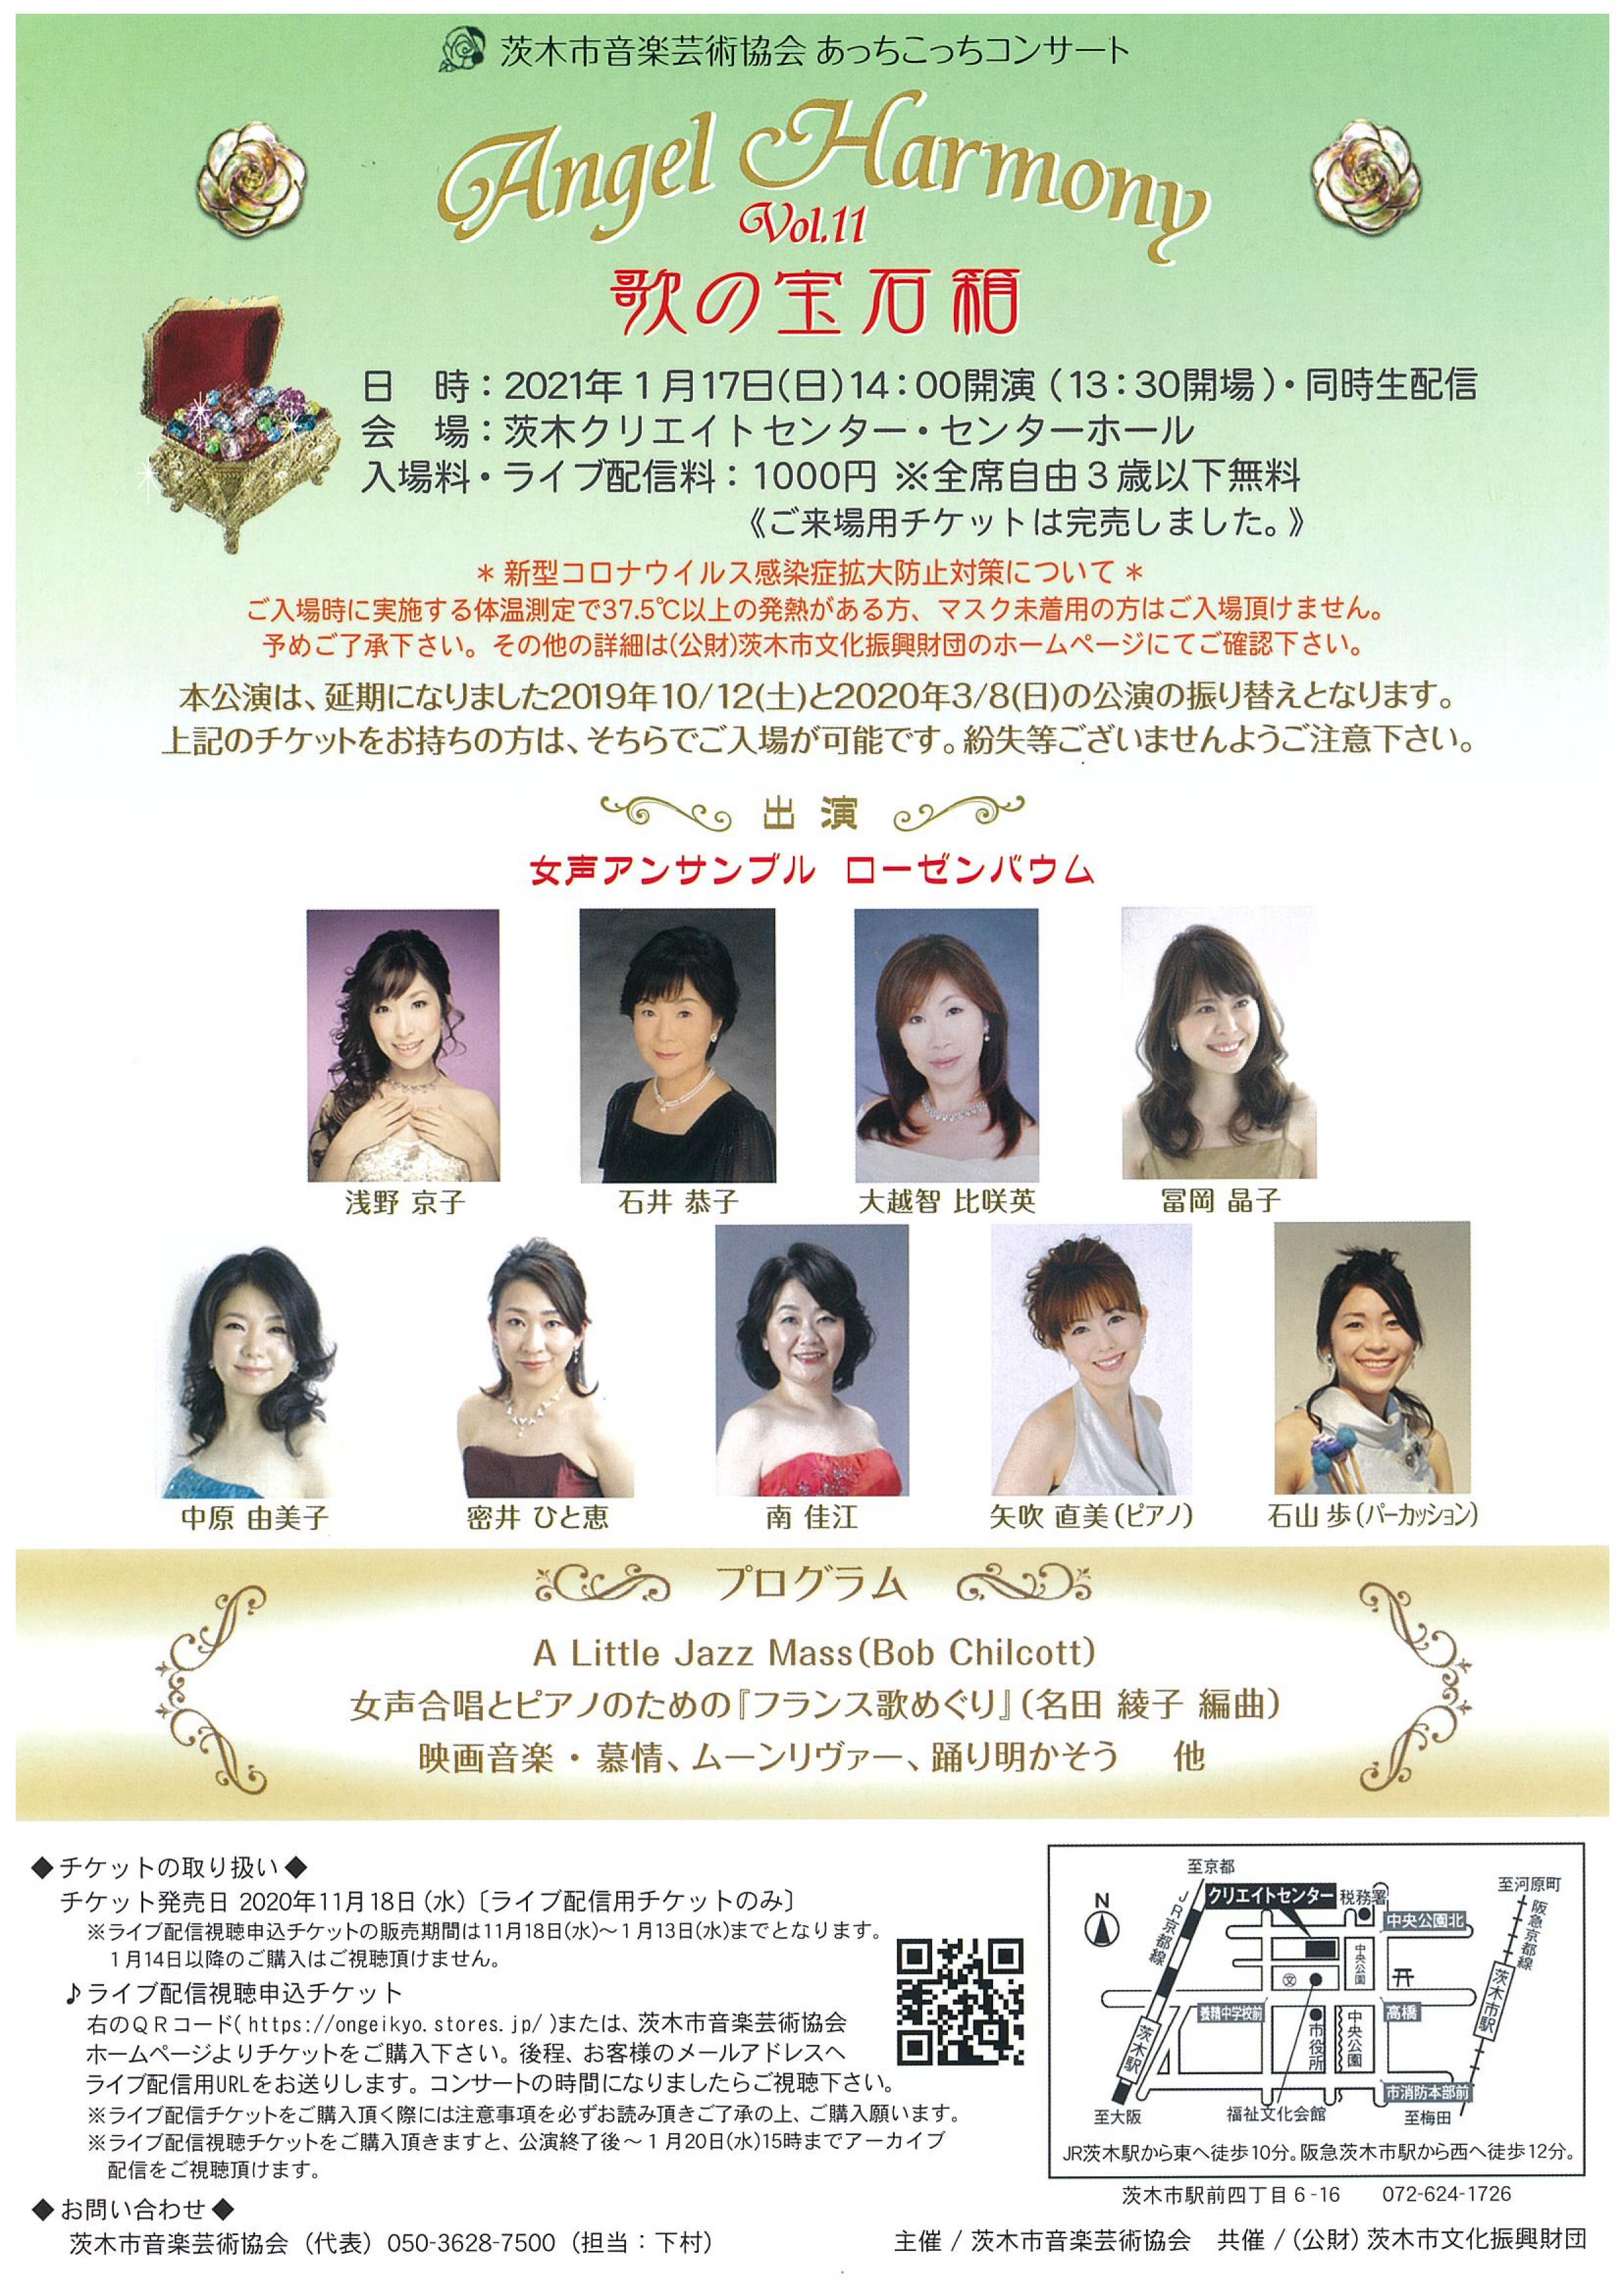 【振替公演】あっちこっちコンサートAngel HarmonyVol.11